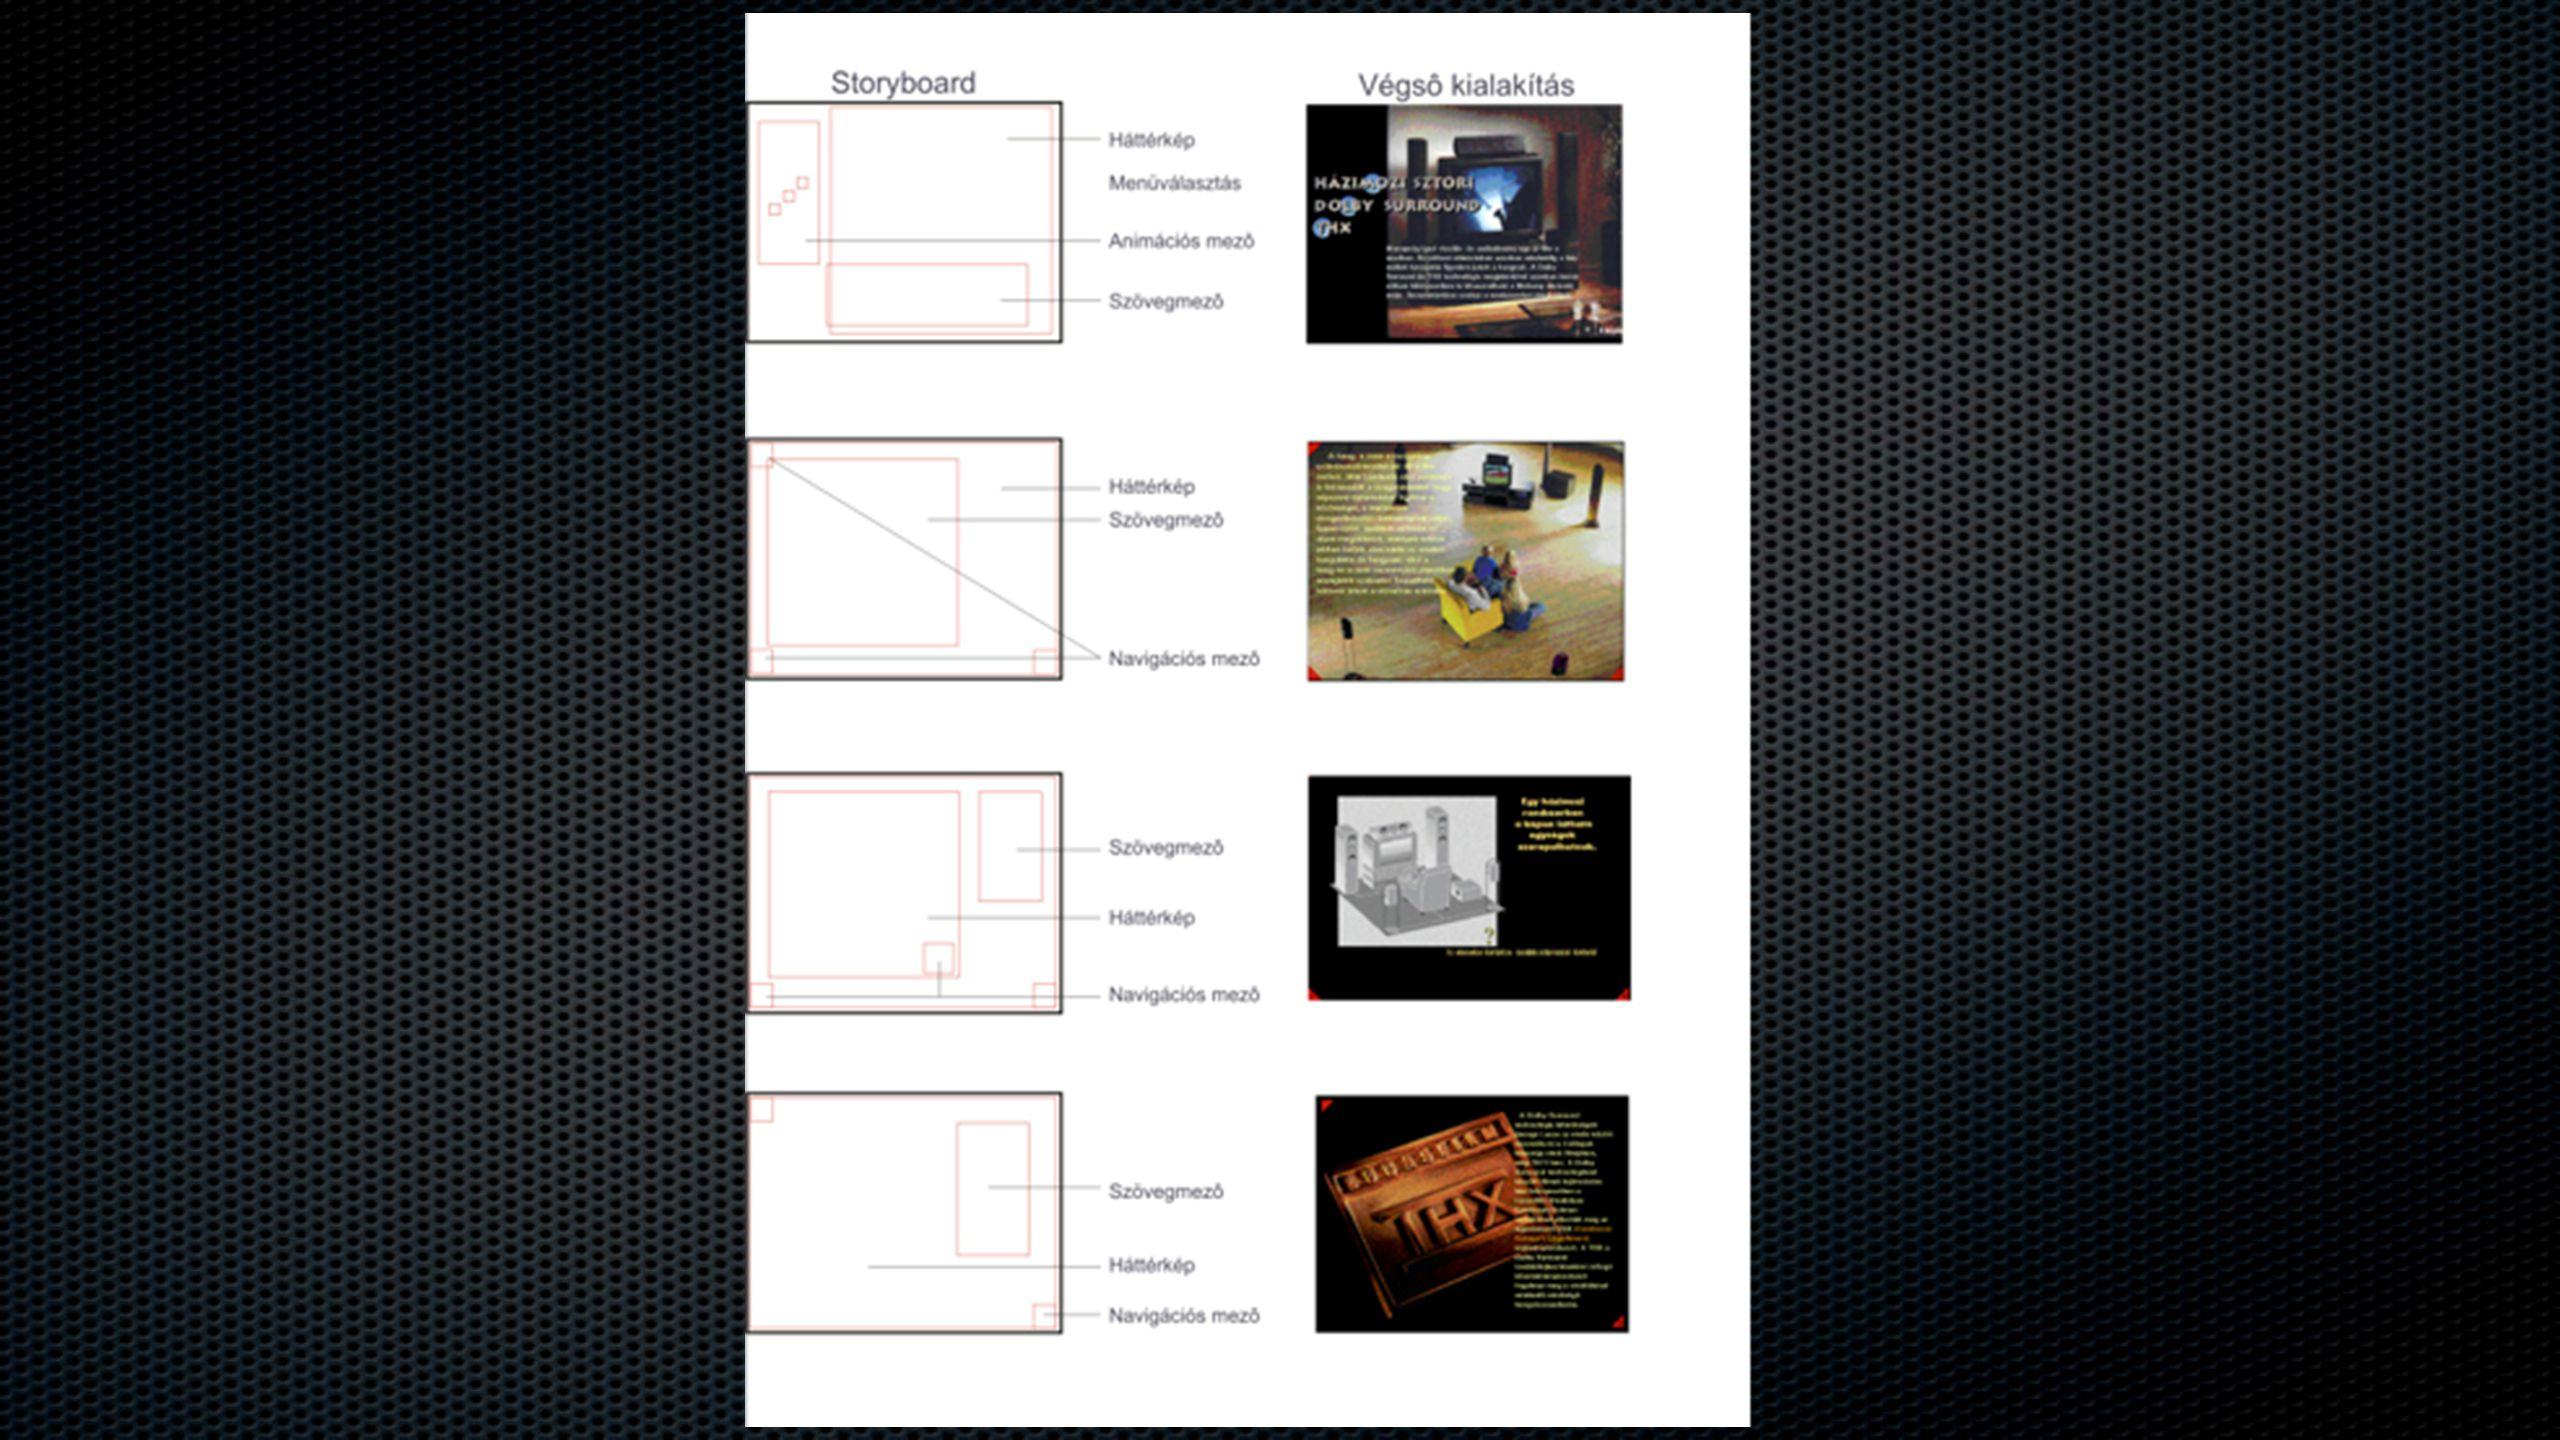 Vizuális tervezés: fontos a képernyőkép megtervezése ami legyen esztétikus, hangulatkeltő.